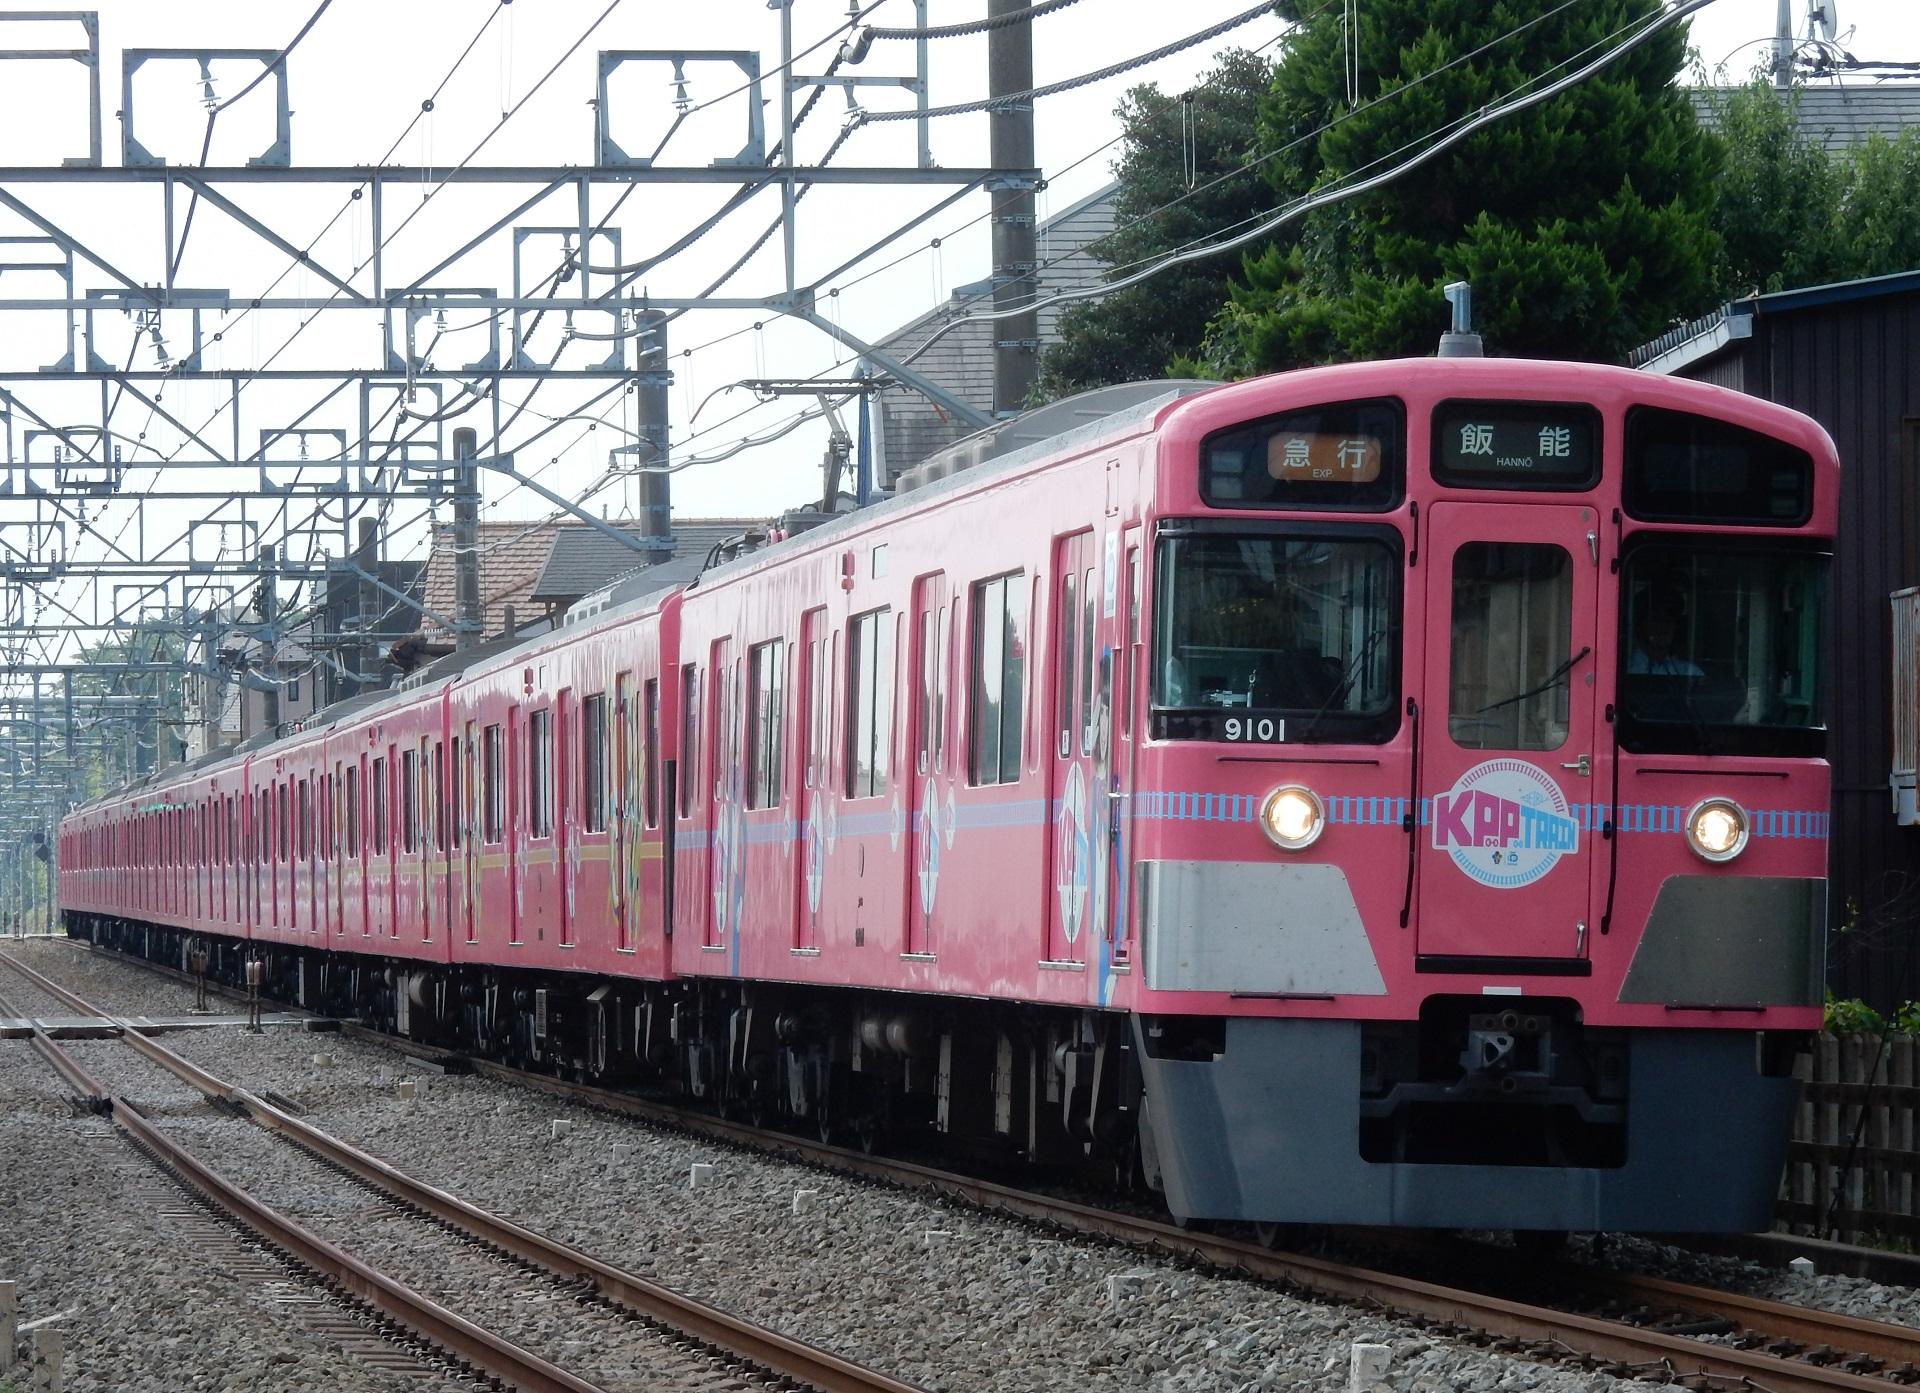 DSCN3190 - コピー